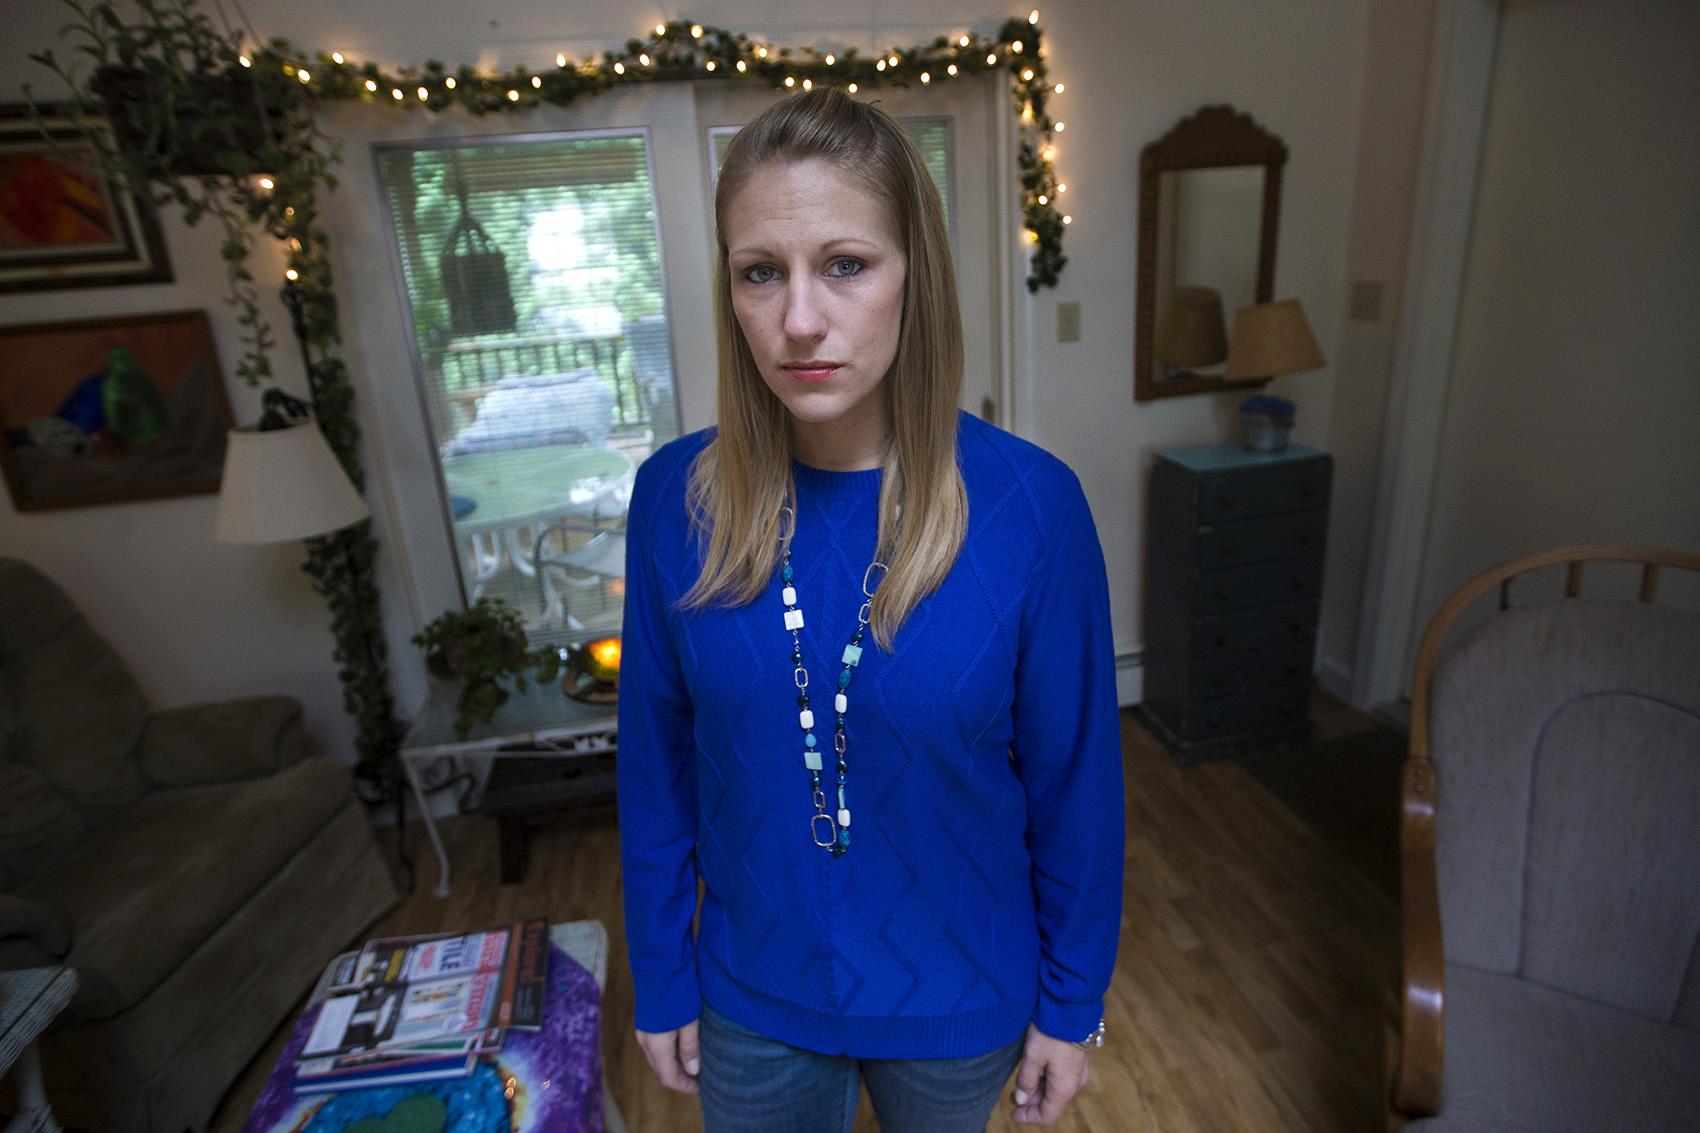 Julie Eldred at her home. (Jesse Costa/WBUR)